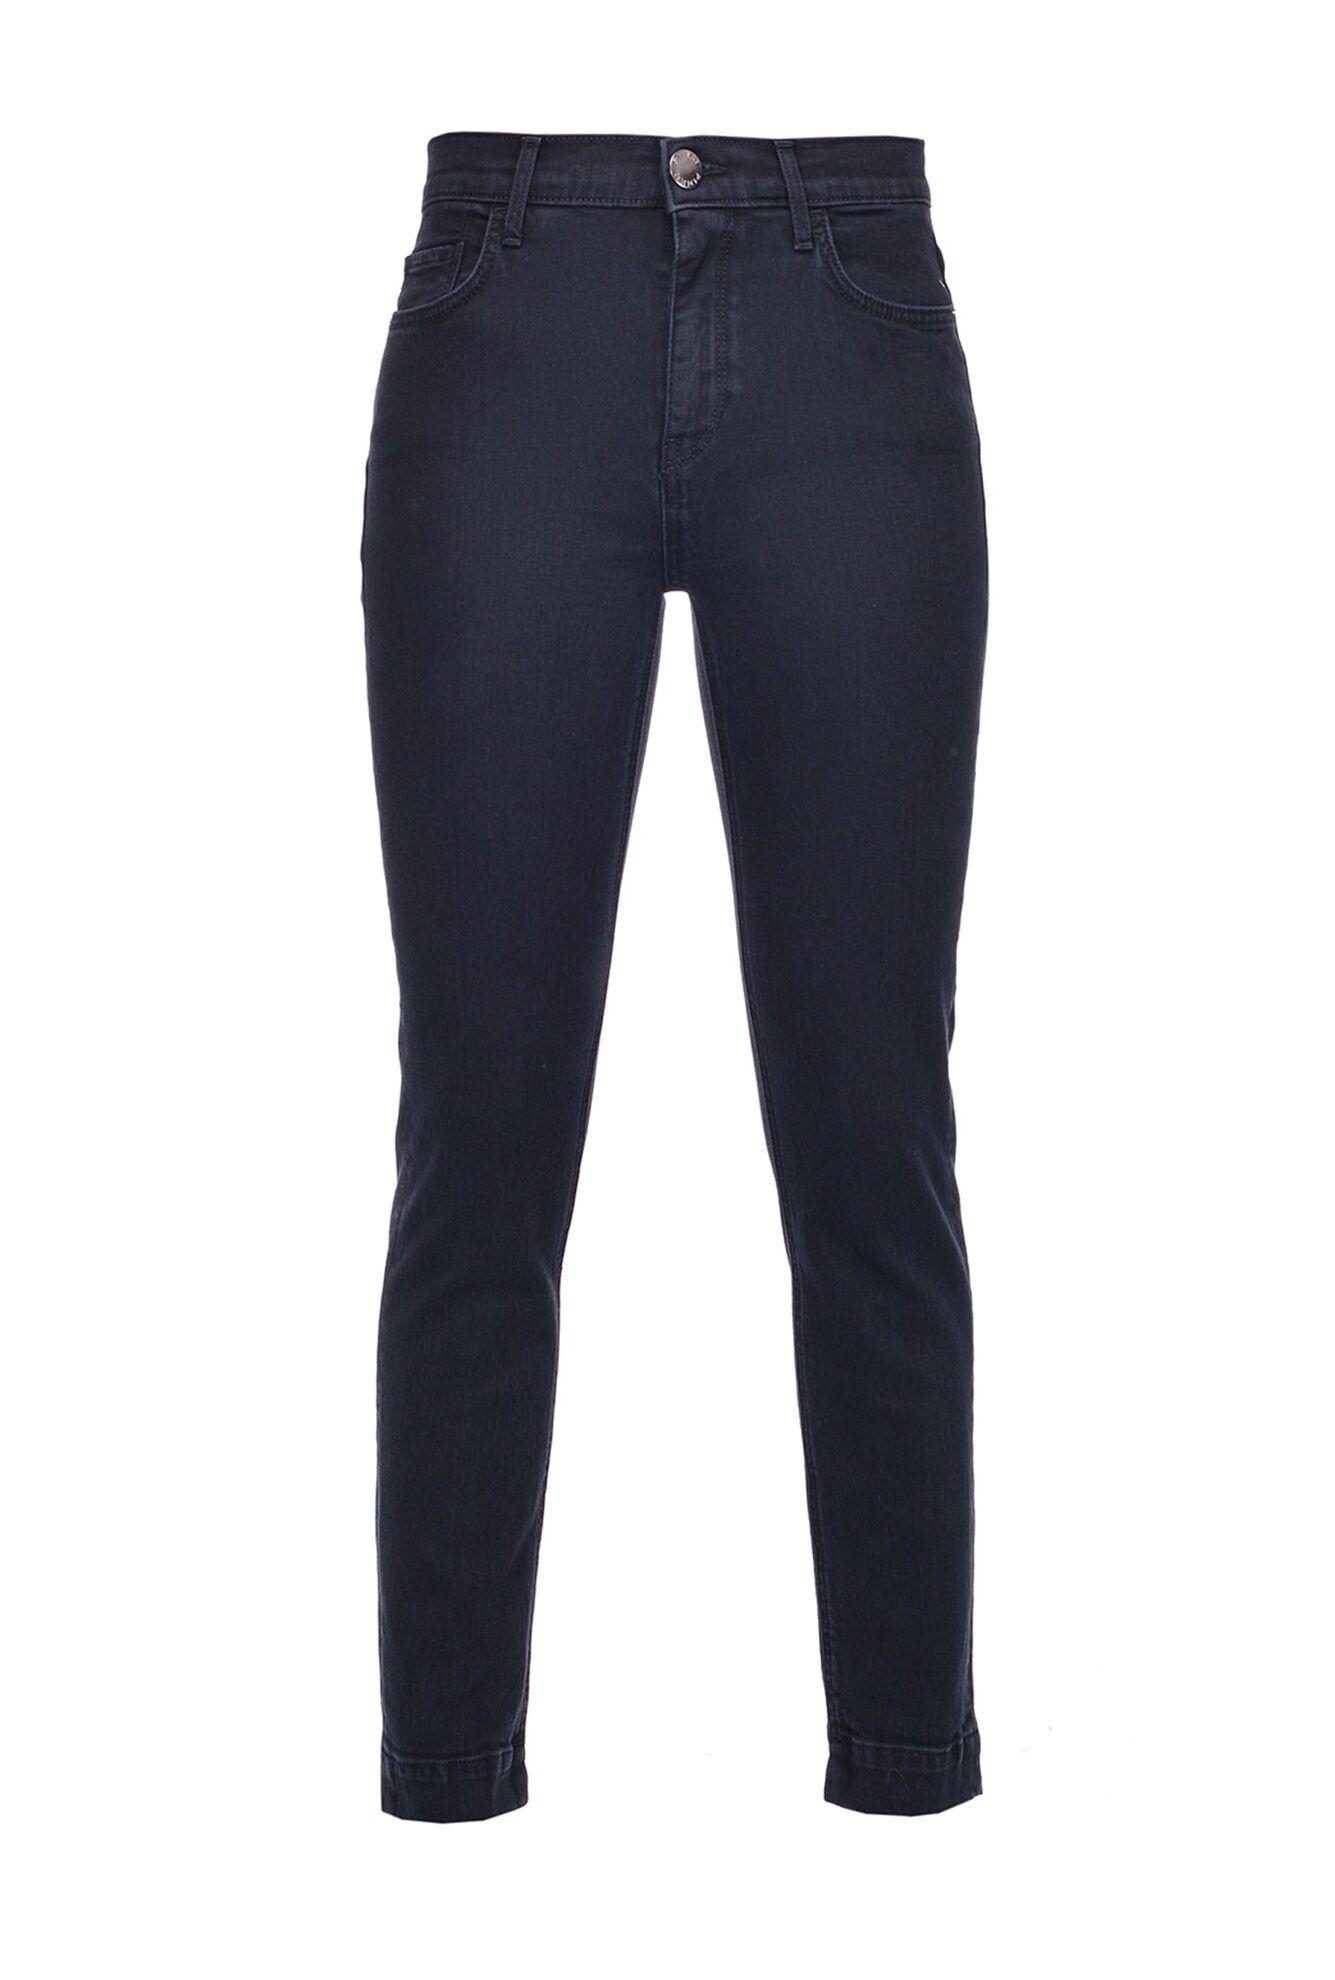 Jeans Skinny In Denim Black Stretch - Pinko